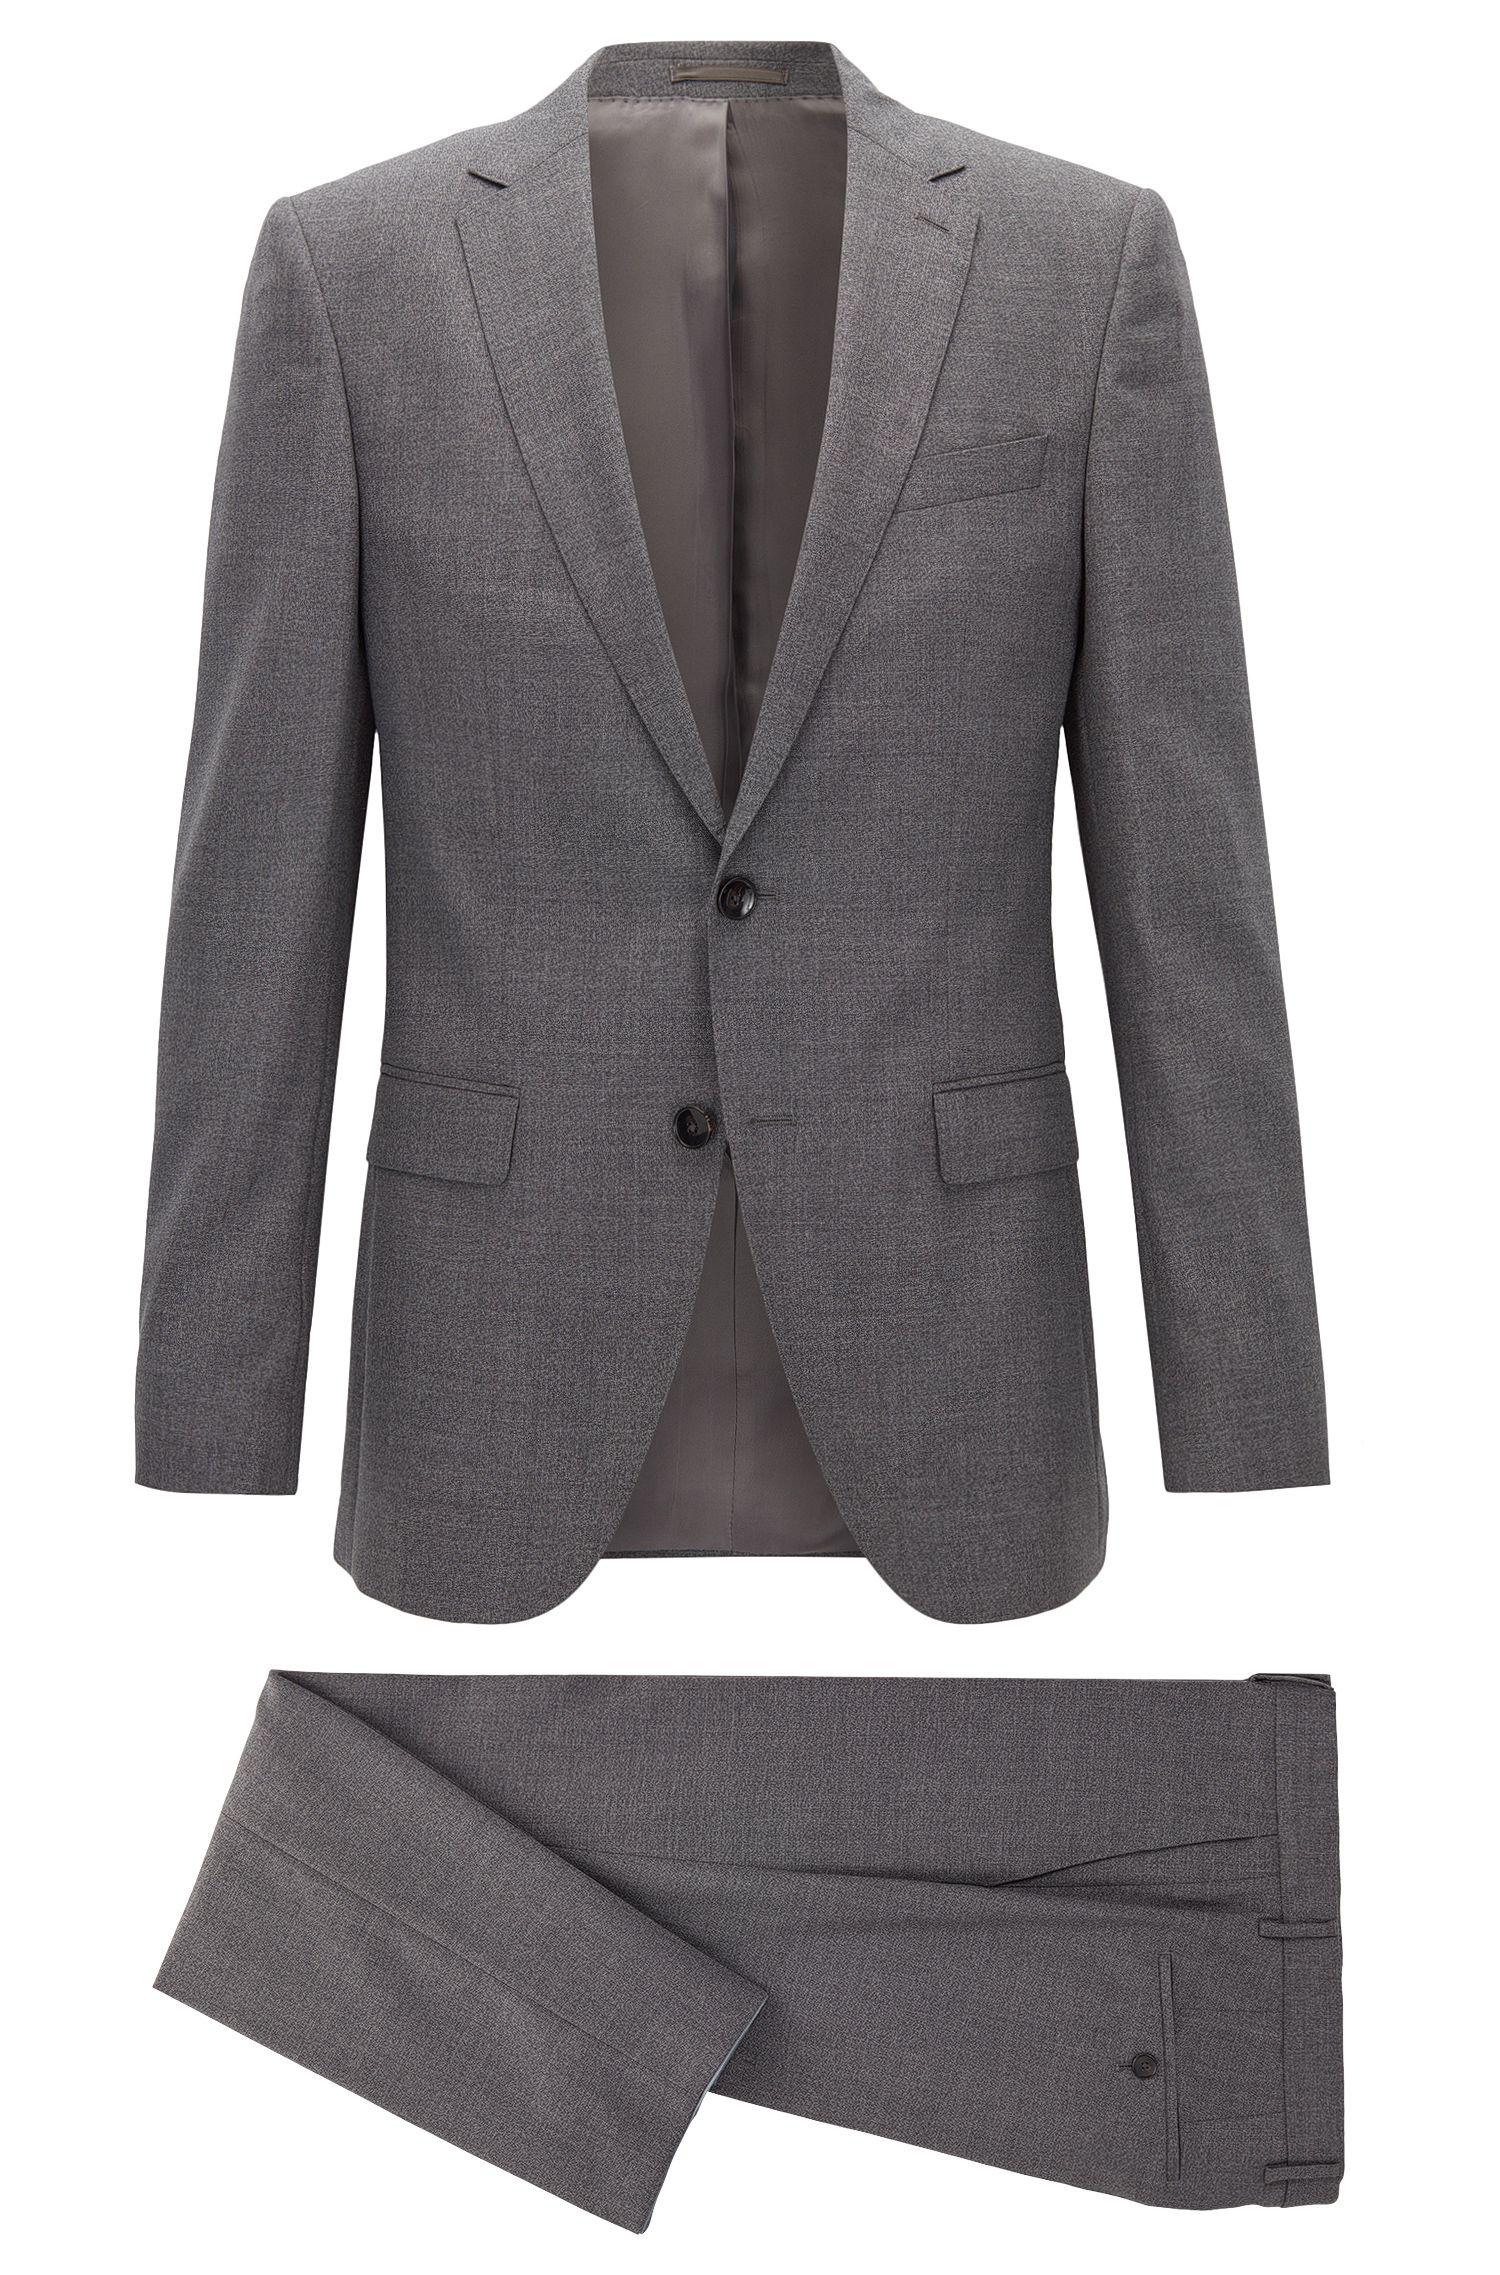 Heathered Virgin Wool Suit, Slim Fit | Novan/Ben